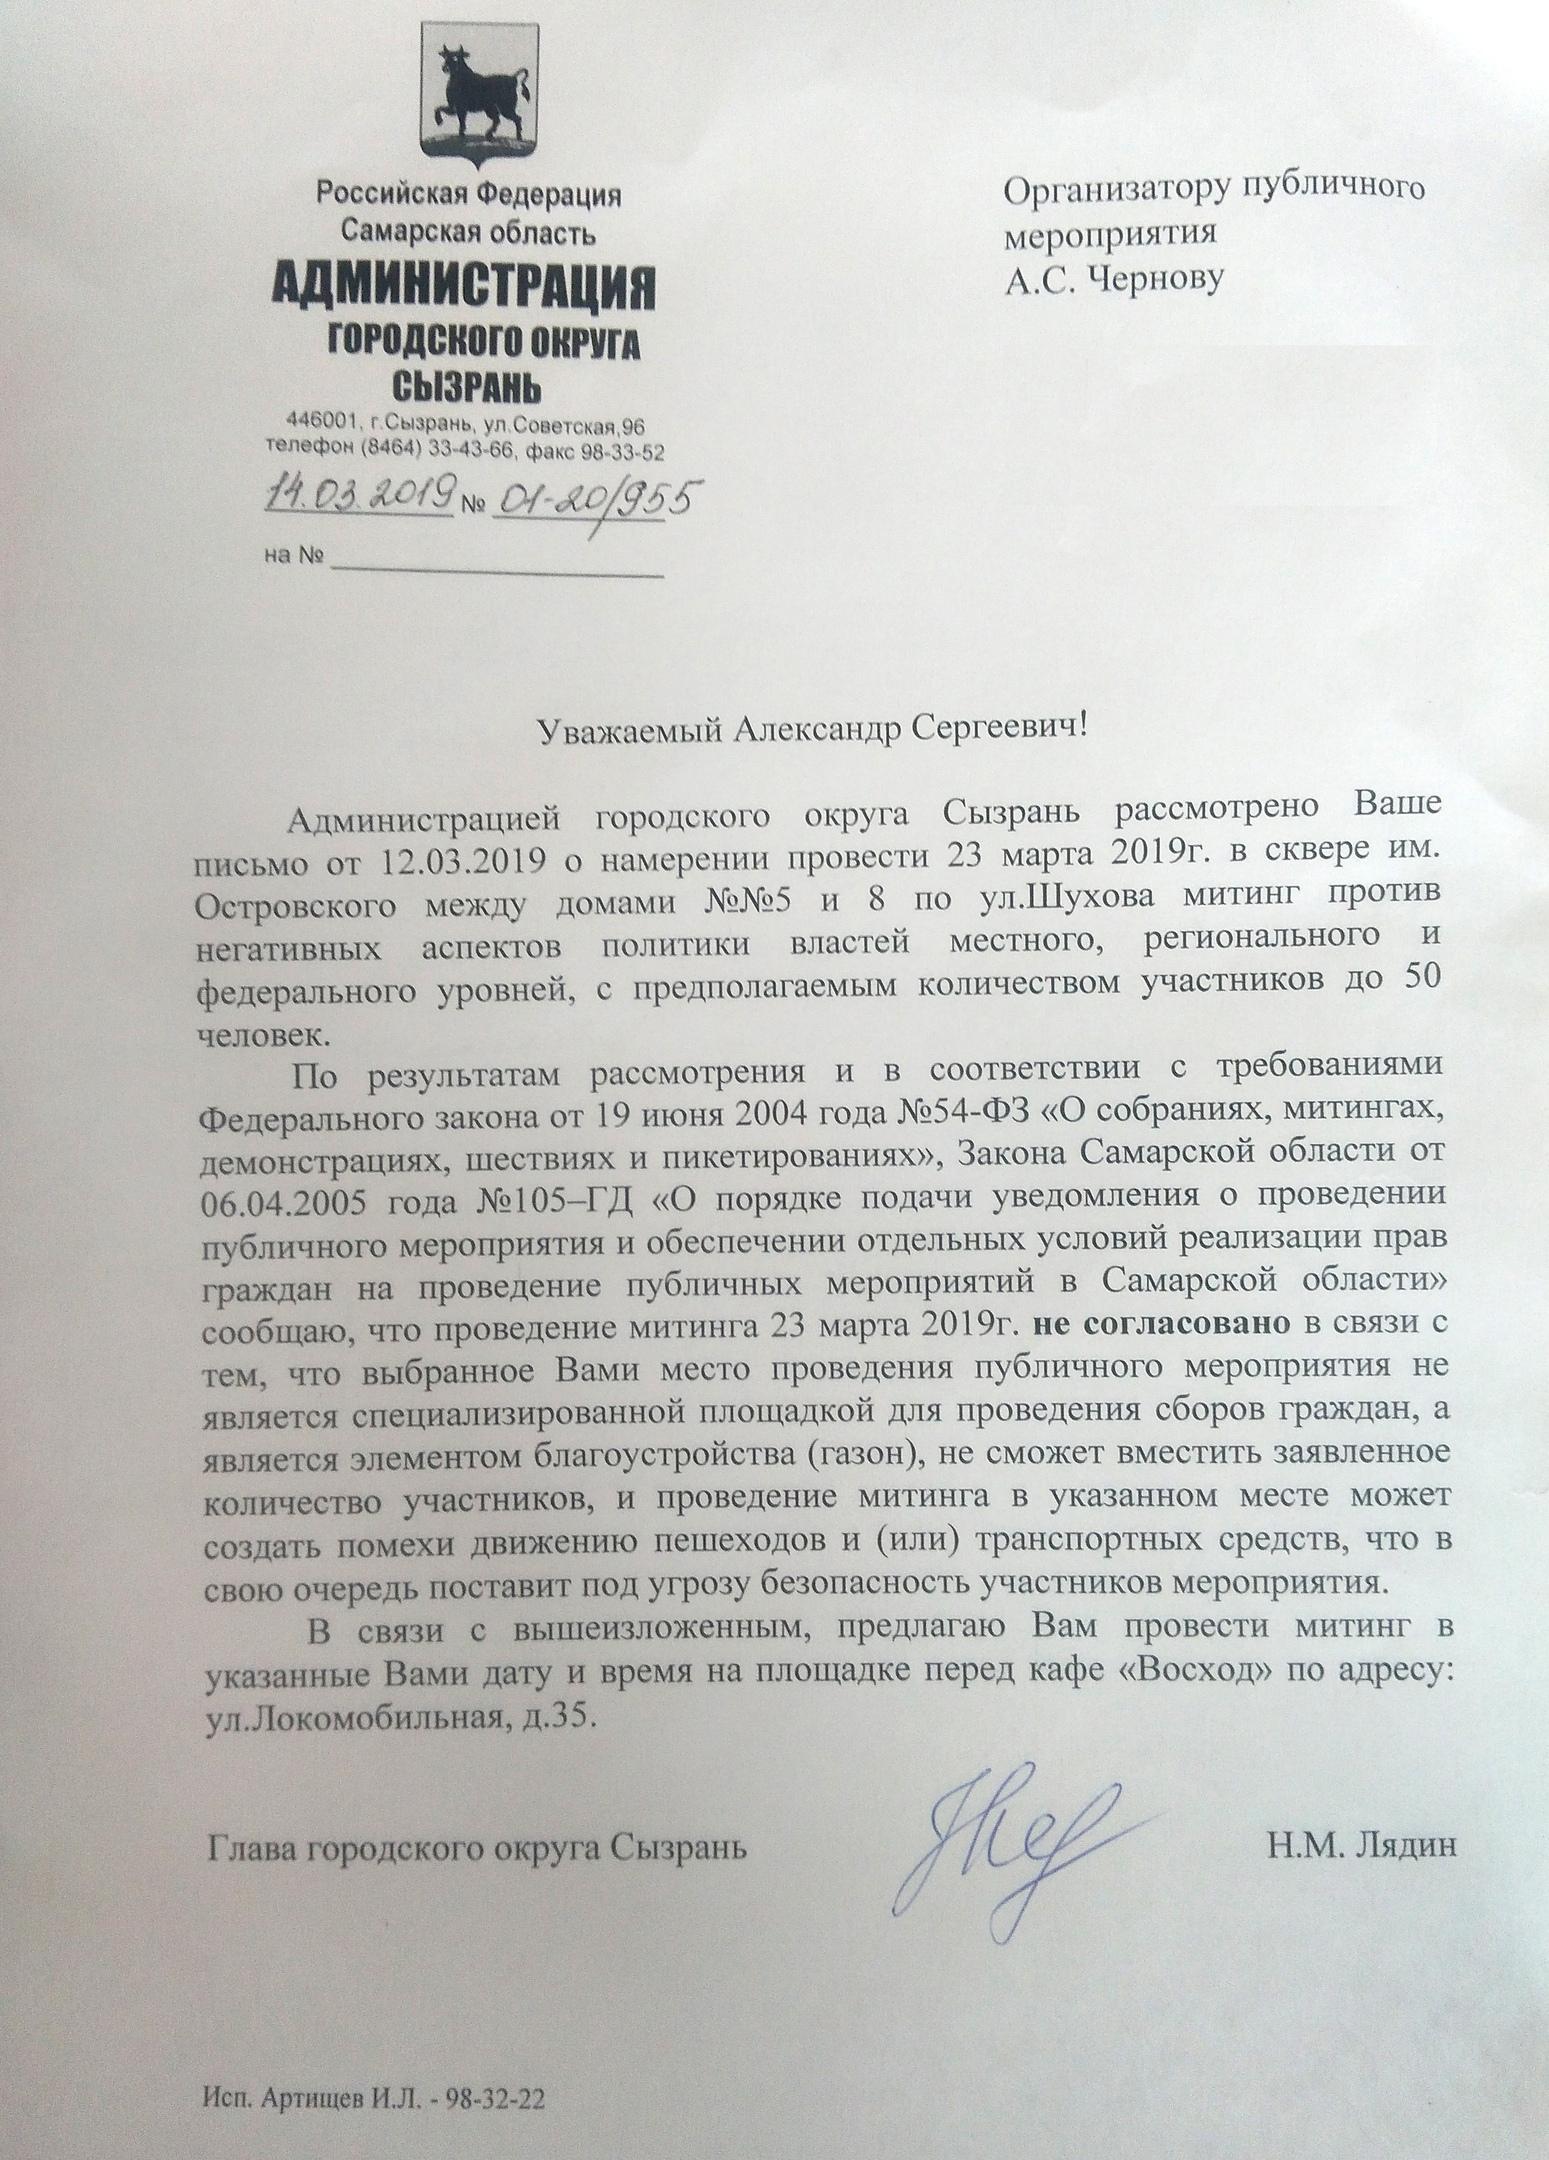 Пикет в сквере имени Островского не согласован